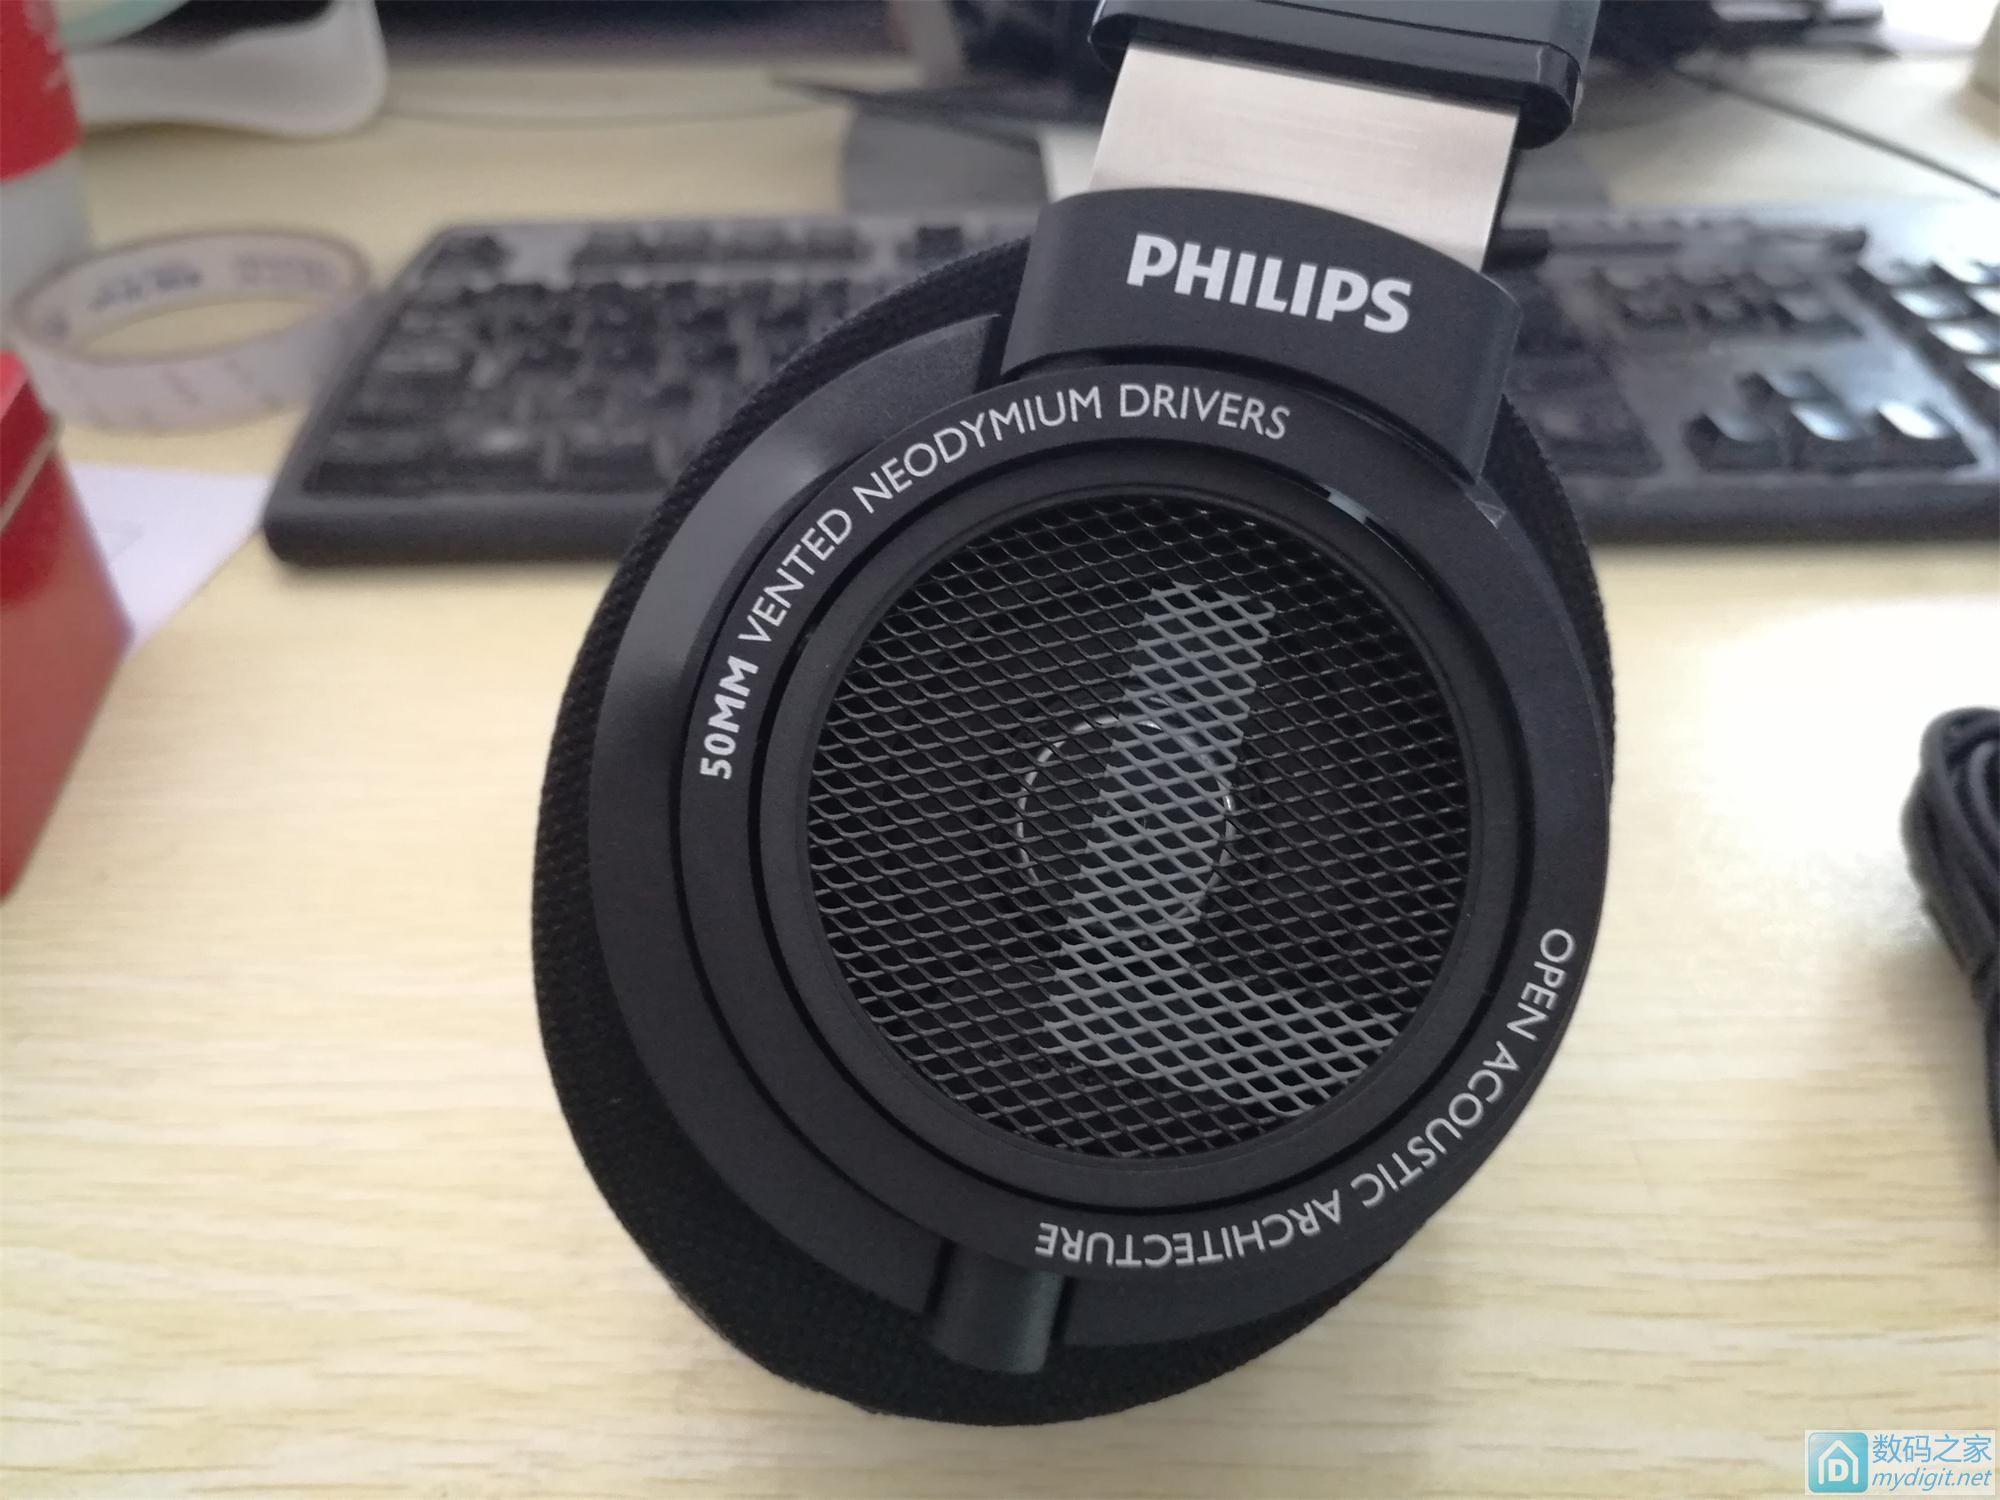 5.26更新AISO插件,煲机试听:D个USB声卡和SK3875听论坛交易区的